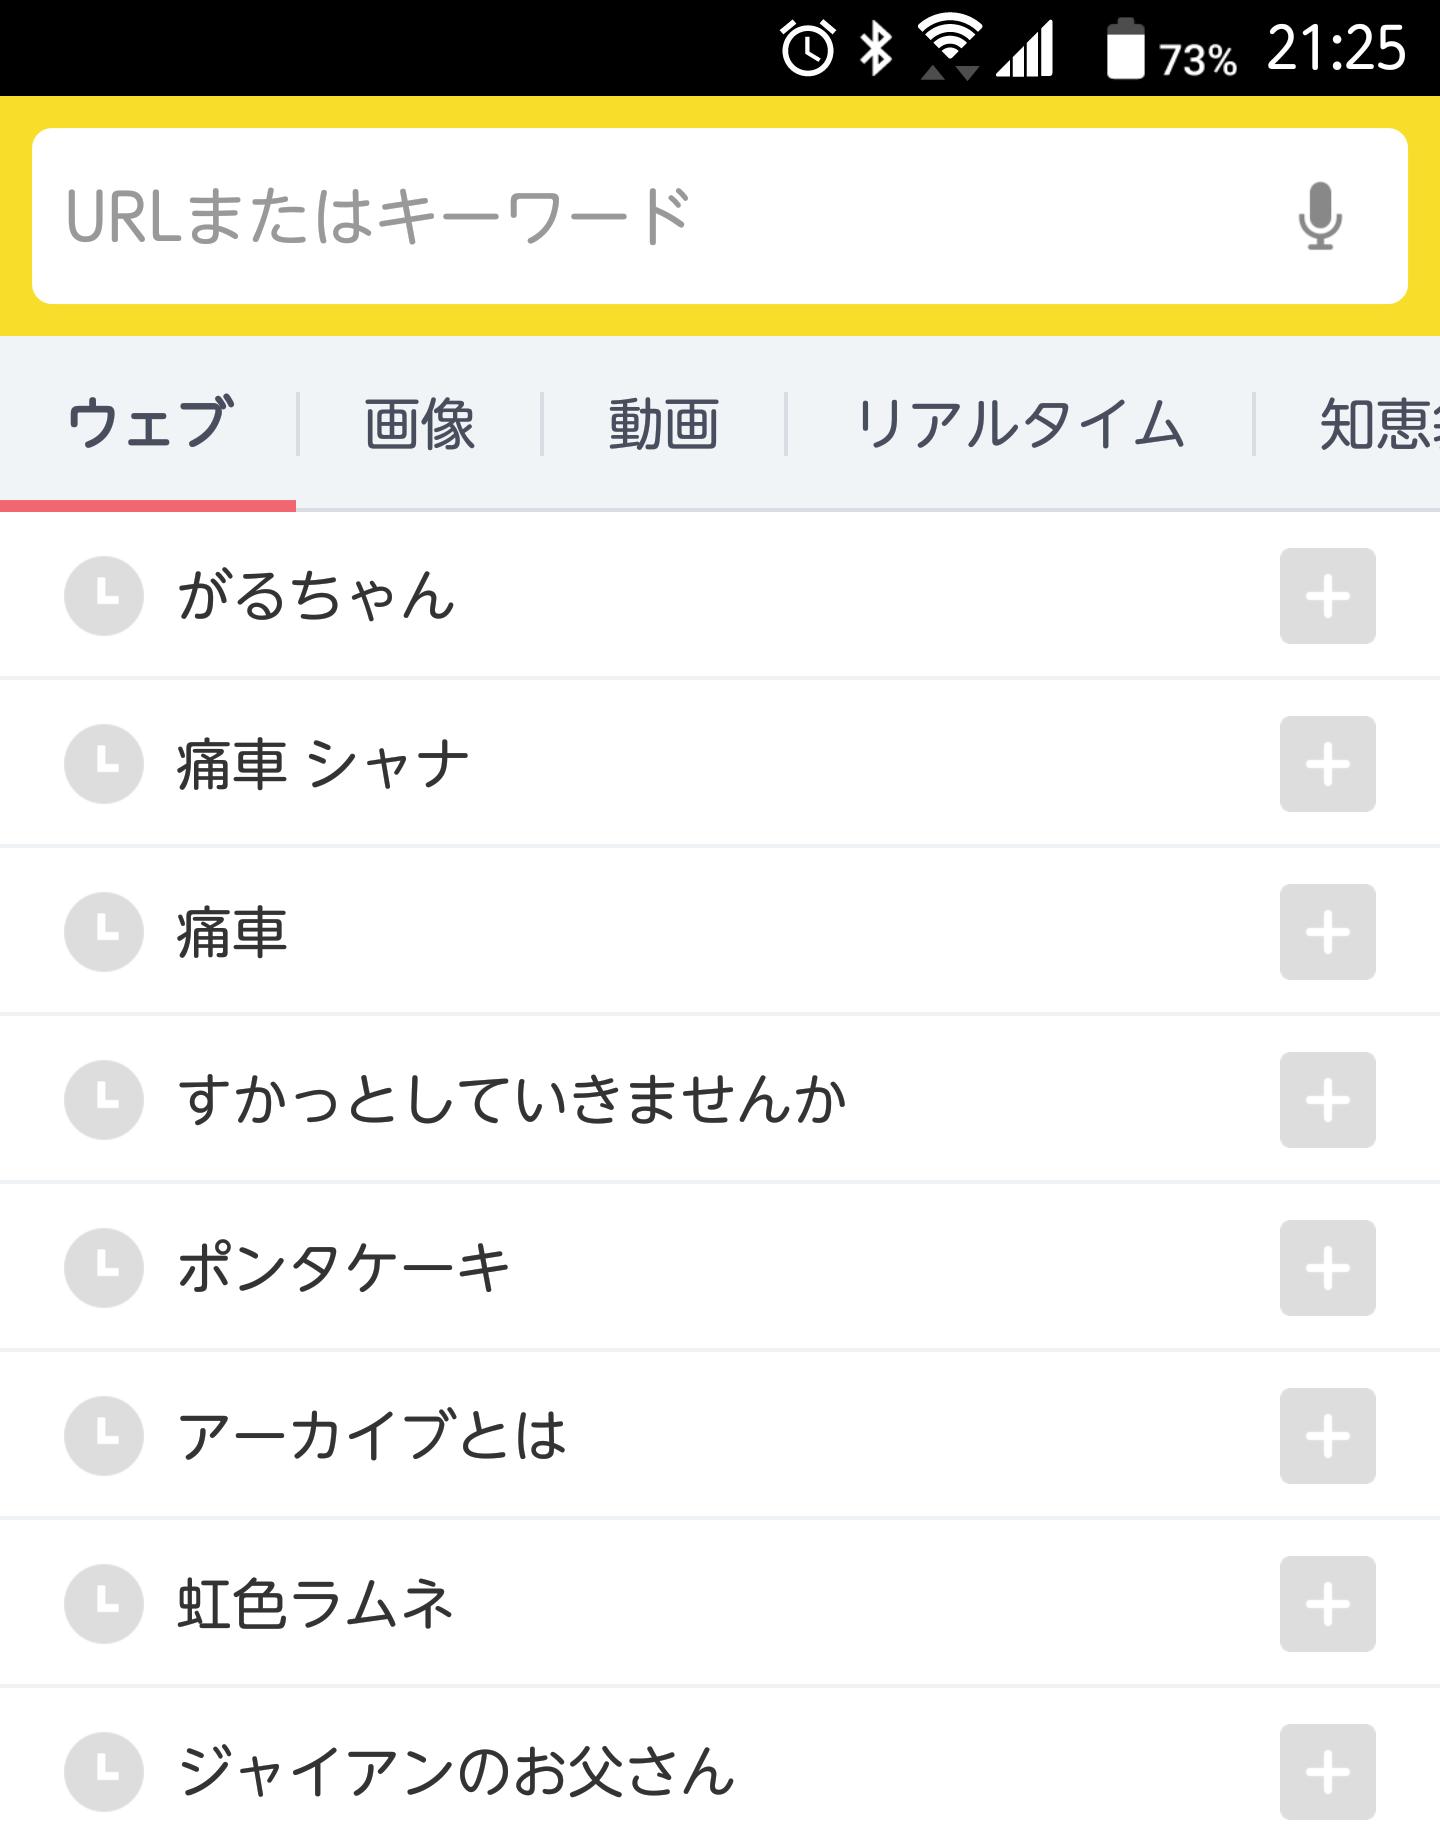 最近検索したワードを晒すトピ